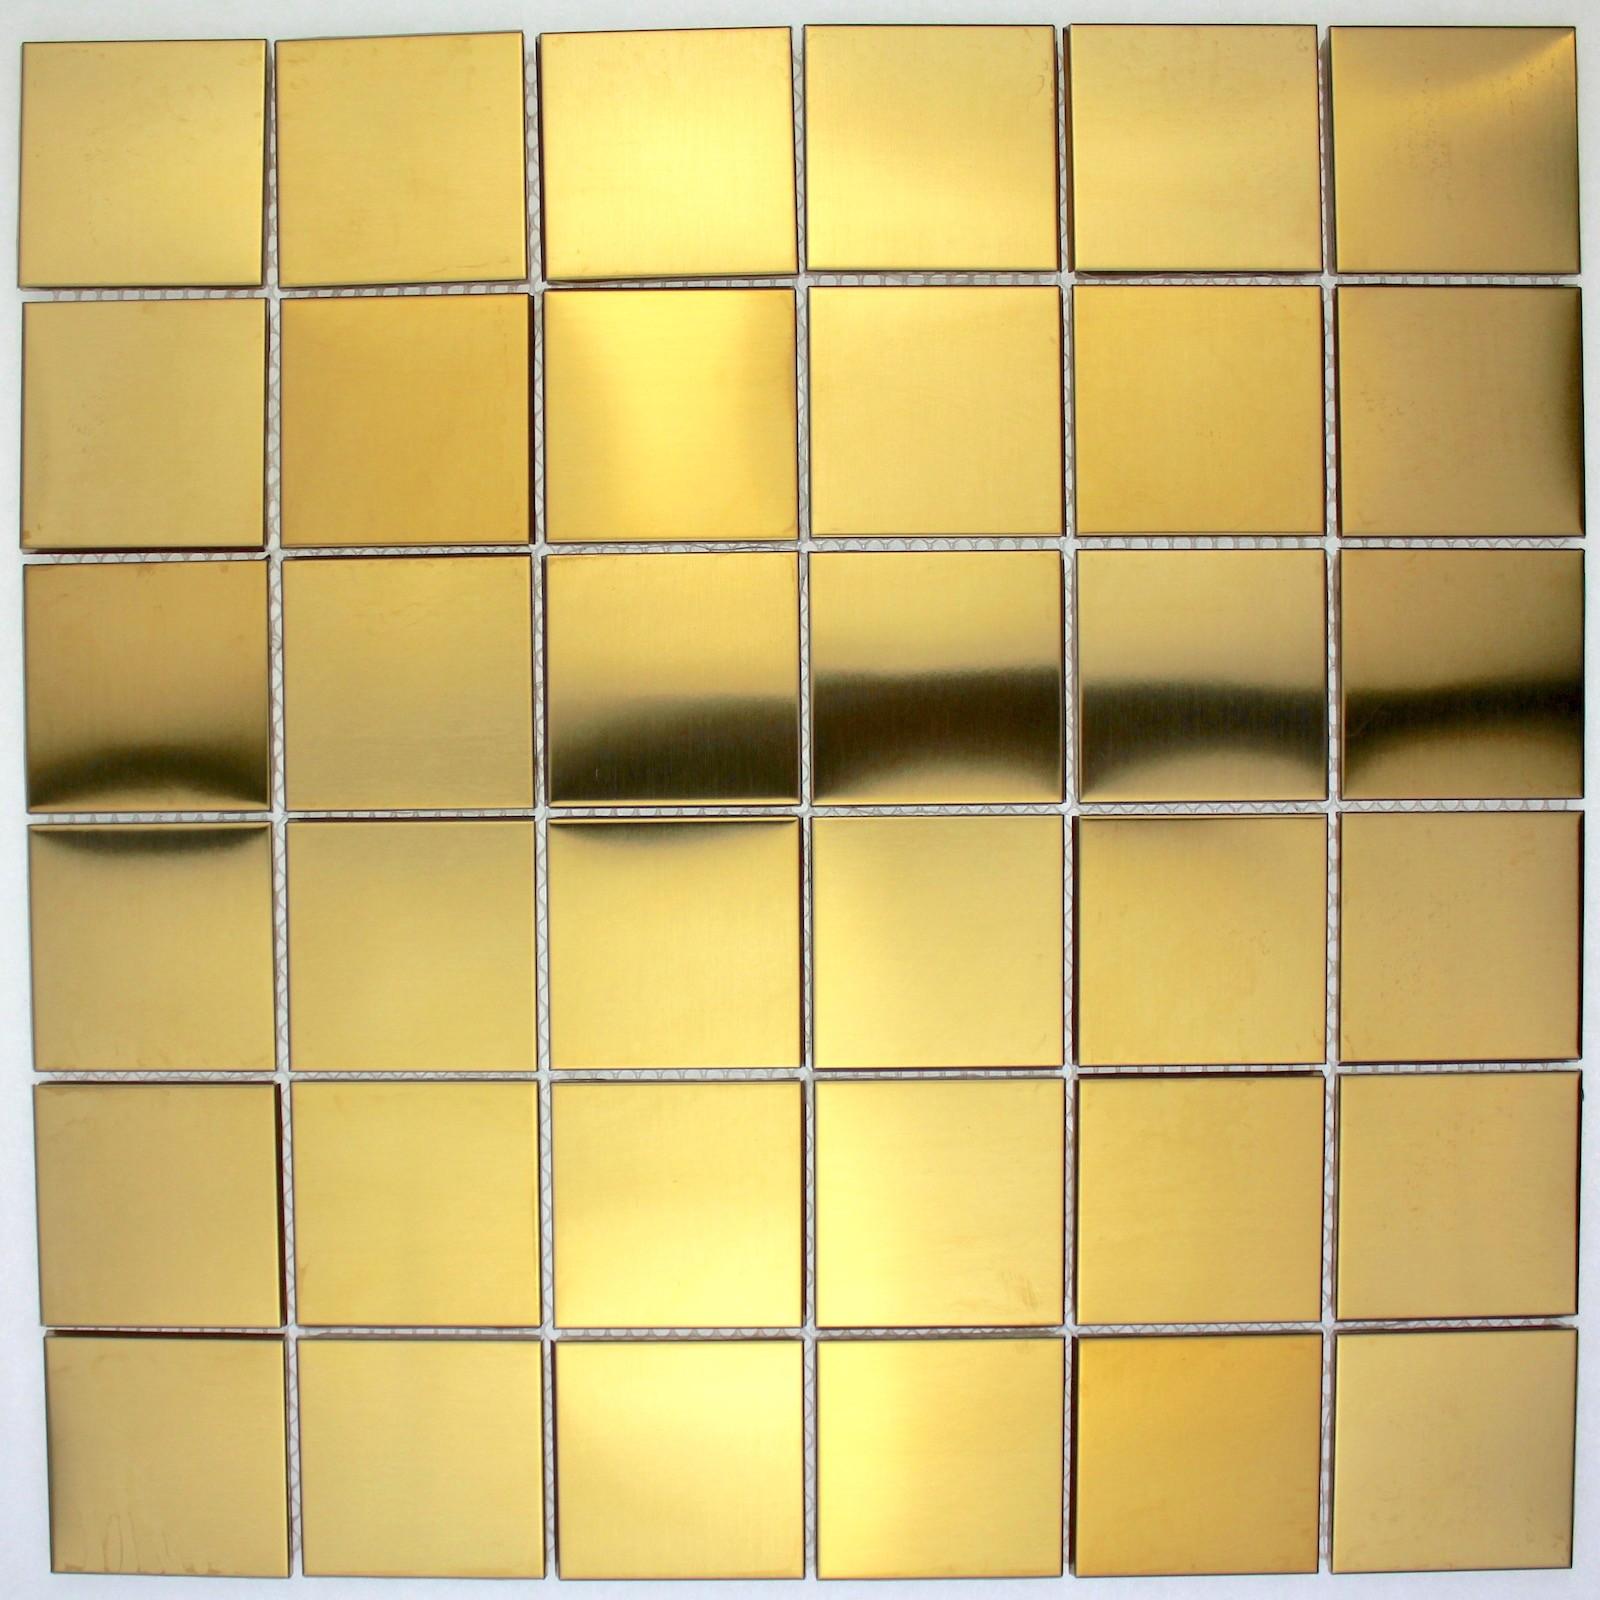 Plaque Sur Carrelage Cuisine carrelage en inox plaque cuisine credence cm-regular48 gold